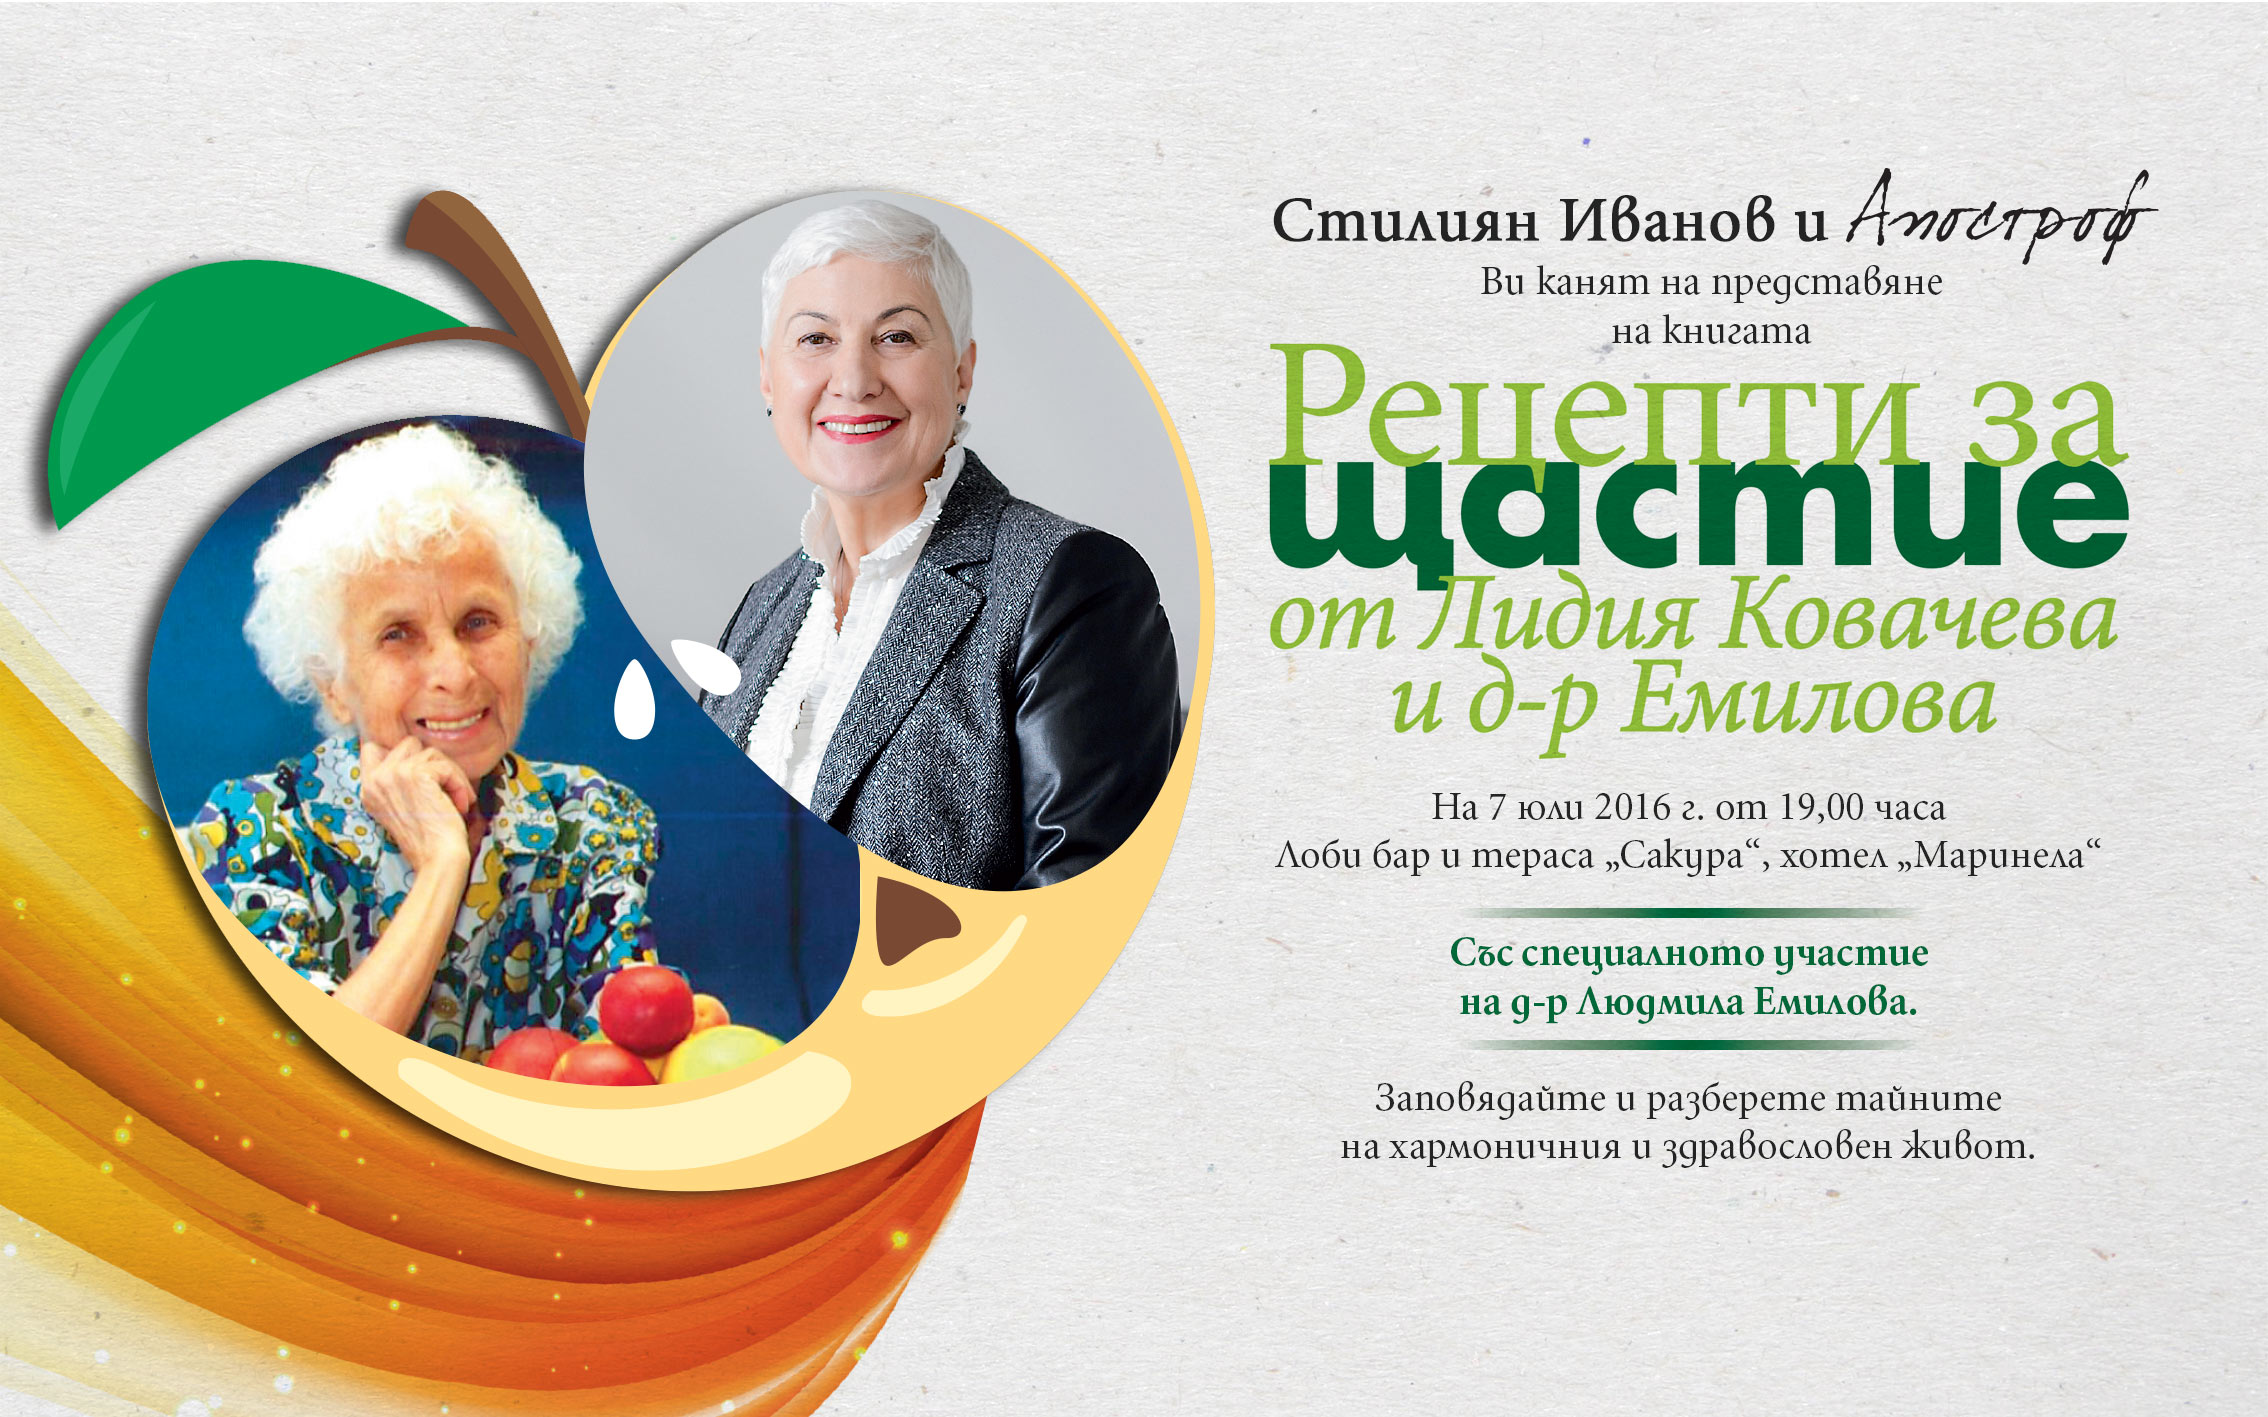 Apostrof_Recepti-za-shatstie-ot-Lidia-Kovacheva-i-d-r-Emilova_Pokana.doc